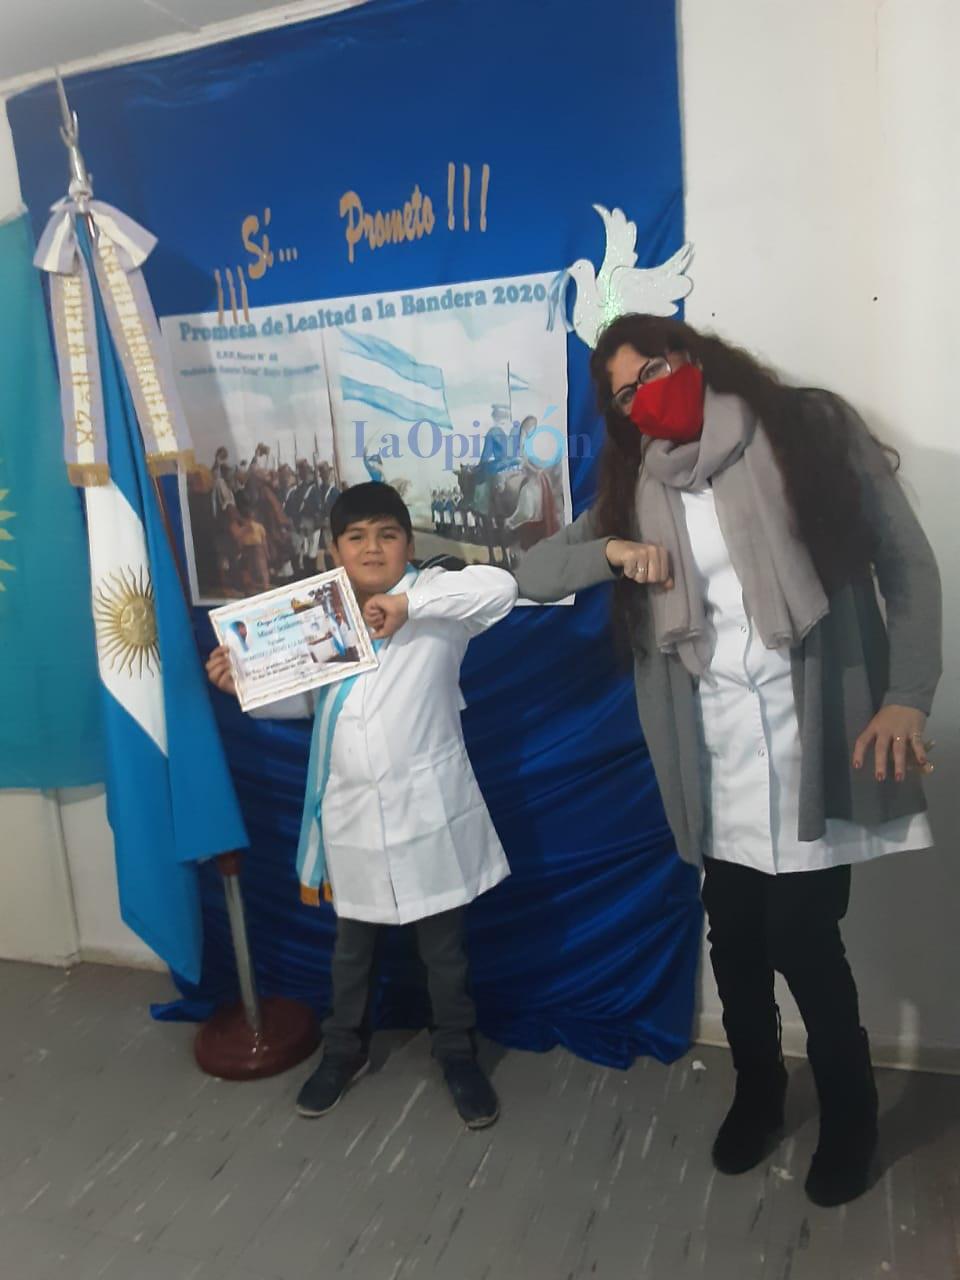 Misael se saluda con la directora de la Escuela rural Primaria 48 de Bajo Caracoles, Gloria Villanueva, tras la promesa a la bandera con el presidente Alberto Fernández.